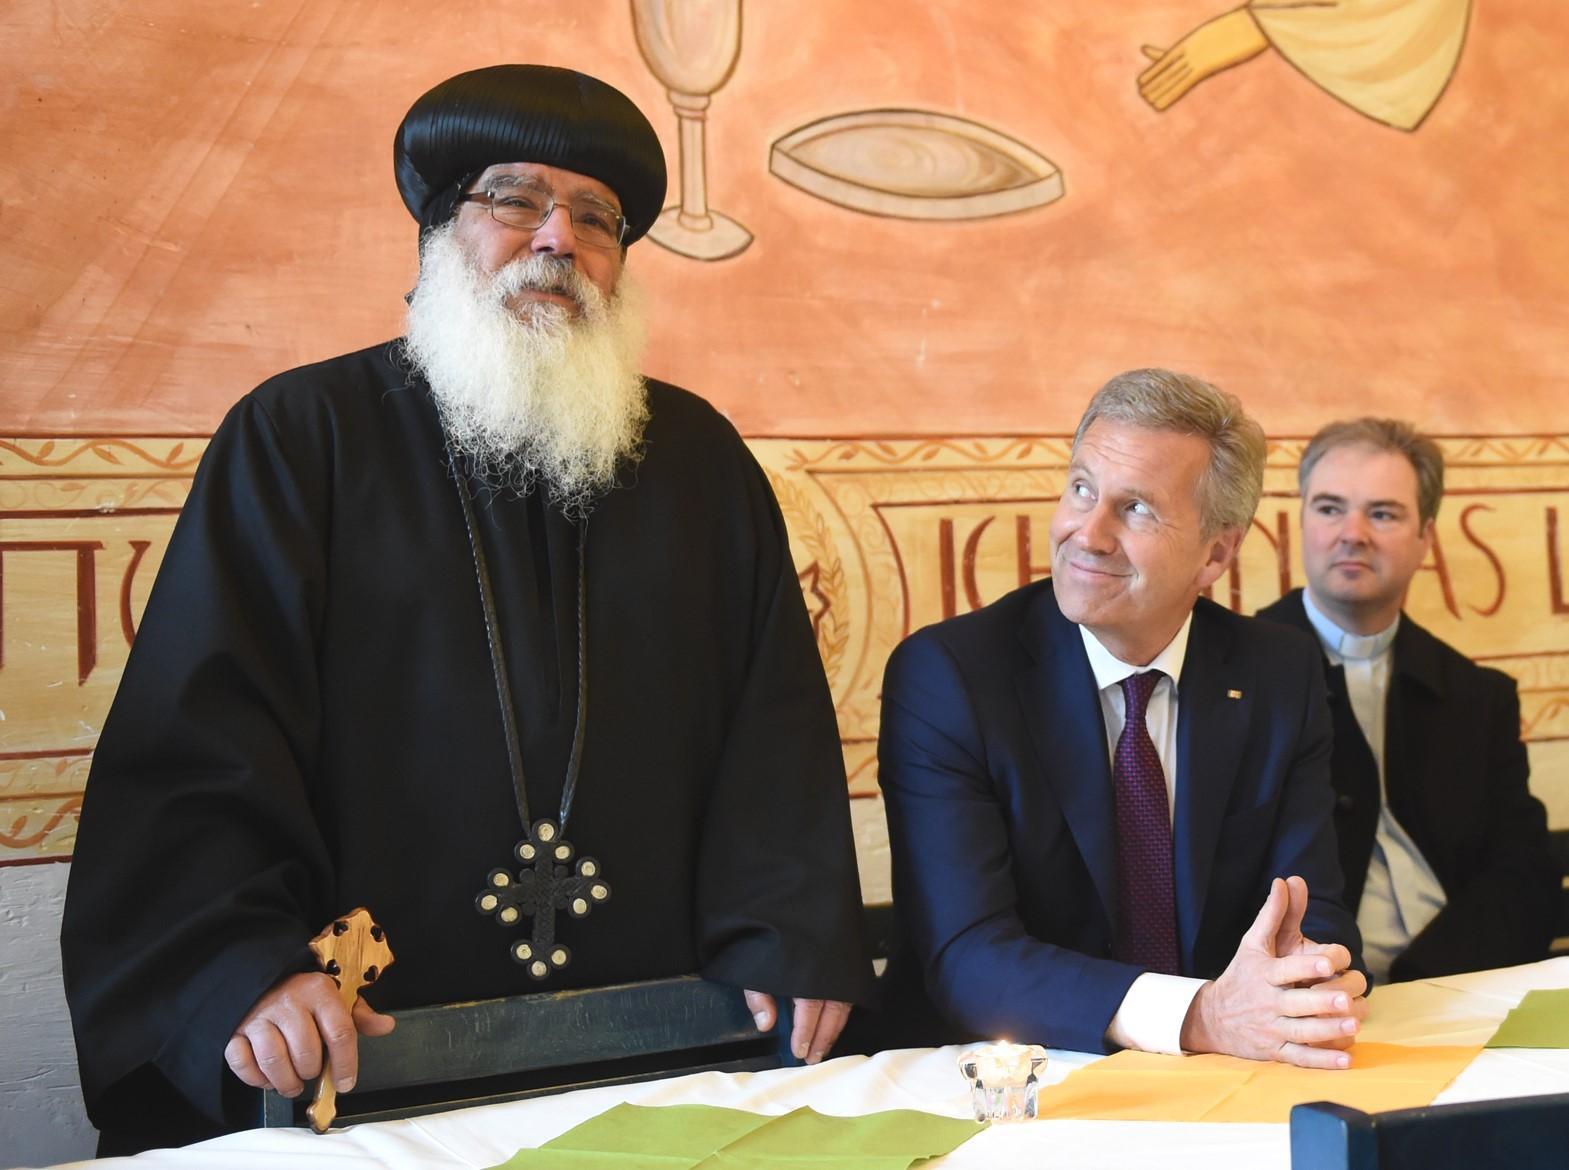 S.E. Bischof Anba Damian und Christian Wulff (Bundespräsident a.D.). Foto: Maria Hopp